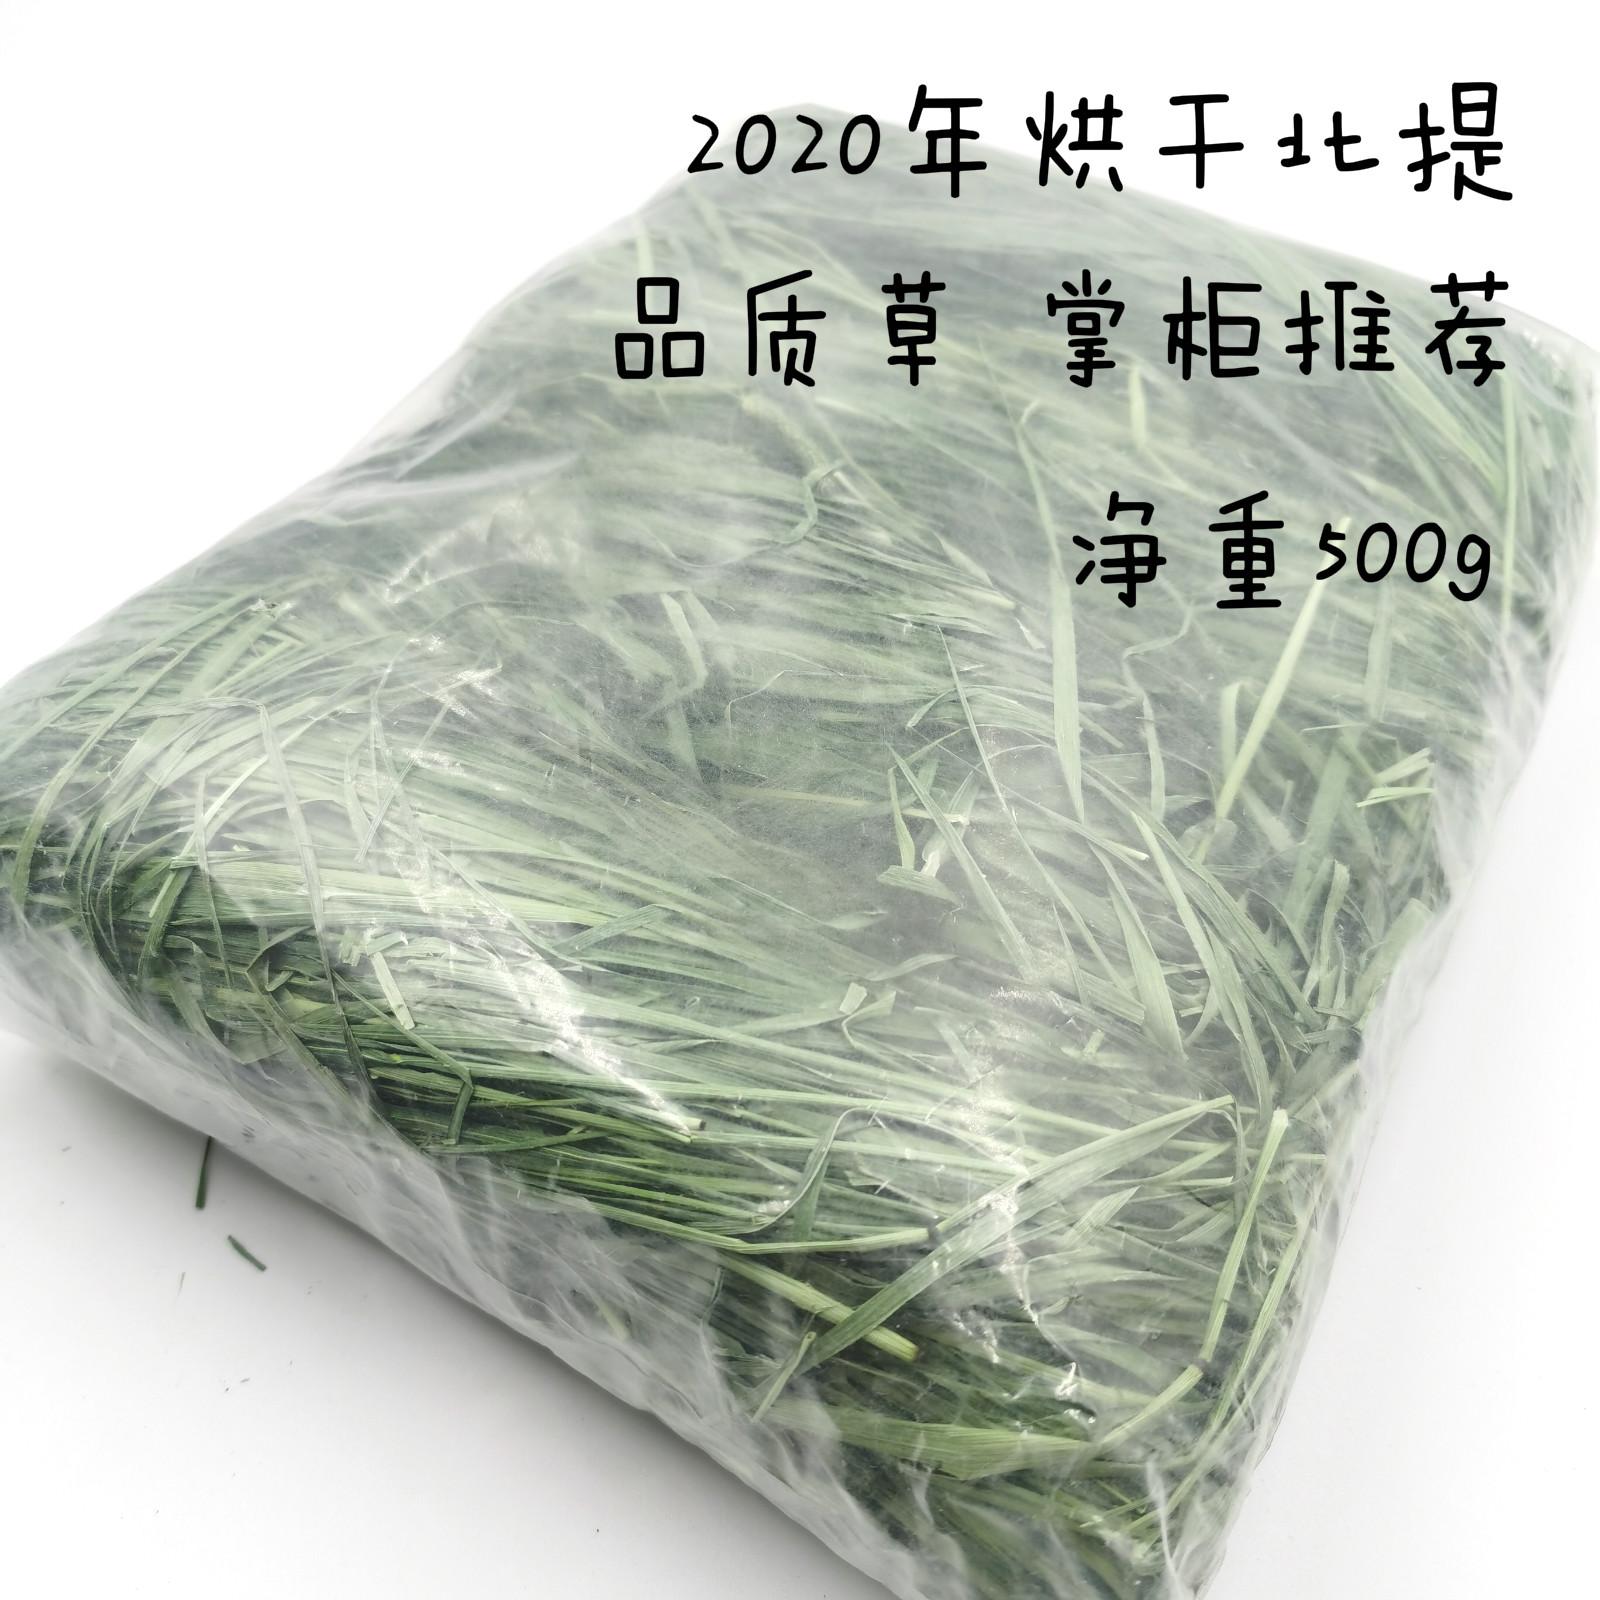 2020 Кролик кролика морской свинки dragoncat Тимоти трава сено 20 лет новая трава специального сушки 500g чистый вес